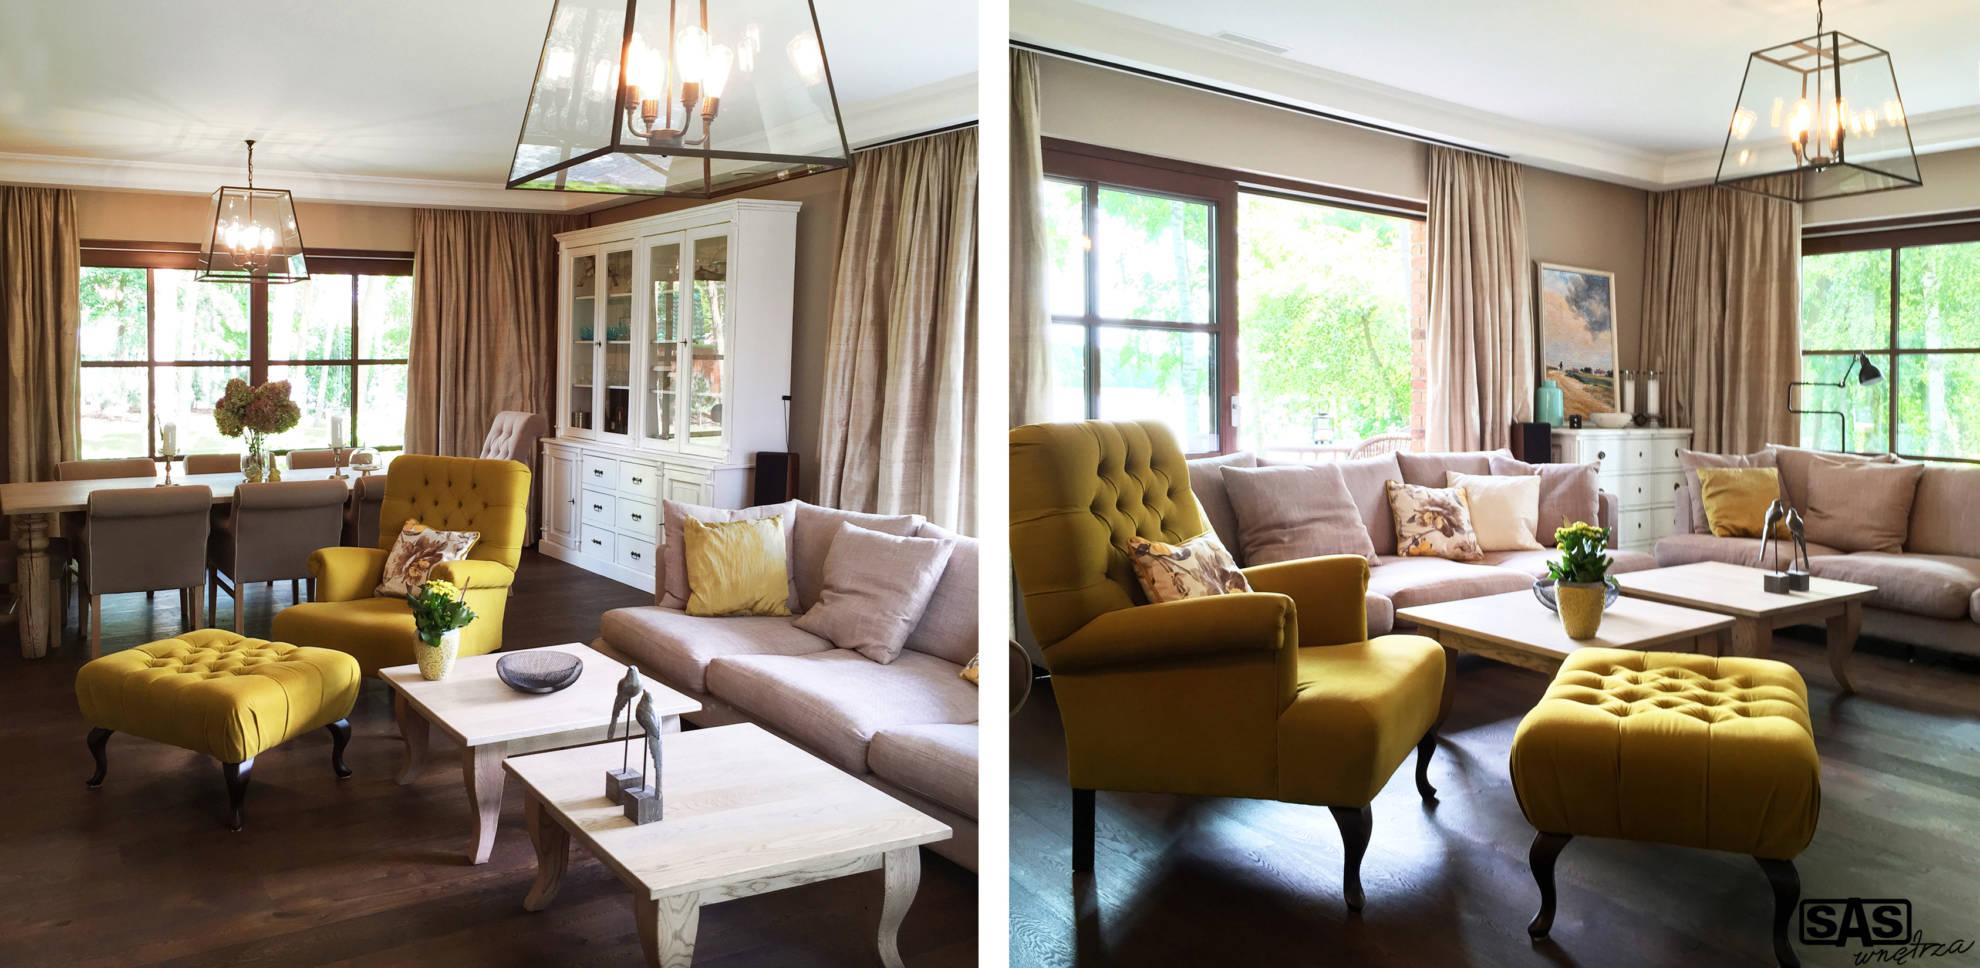 Aranżacja salonu domu jednorodzinnego - architekt wnętrz Emilia Strzempek Plasun